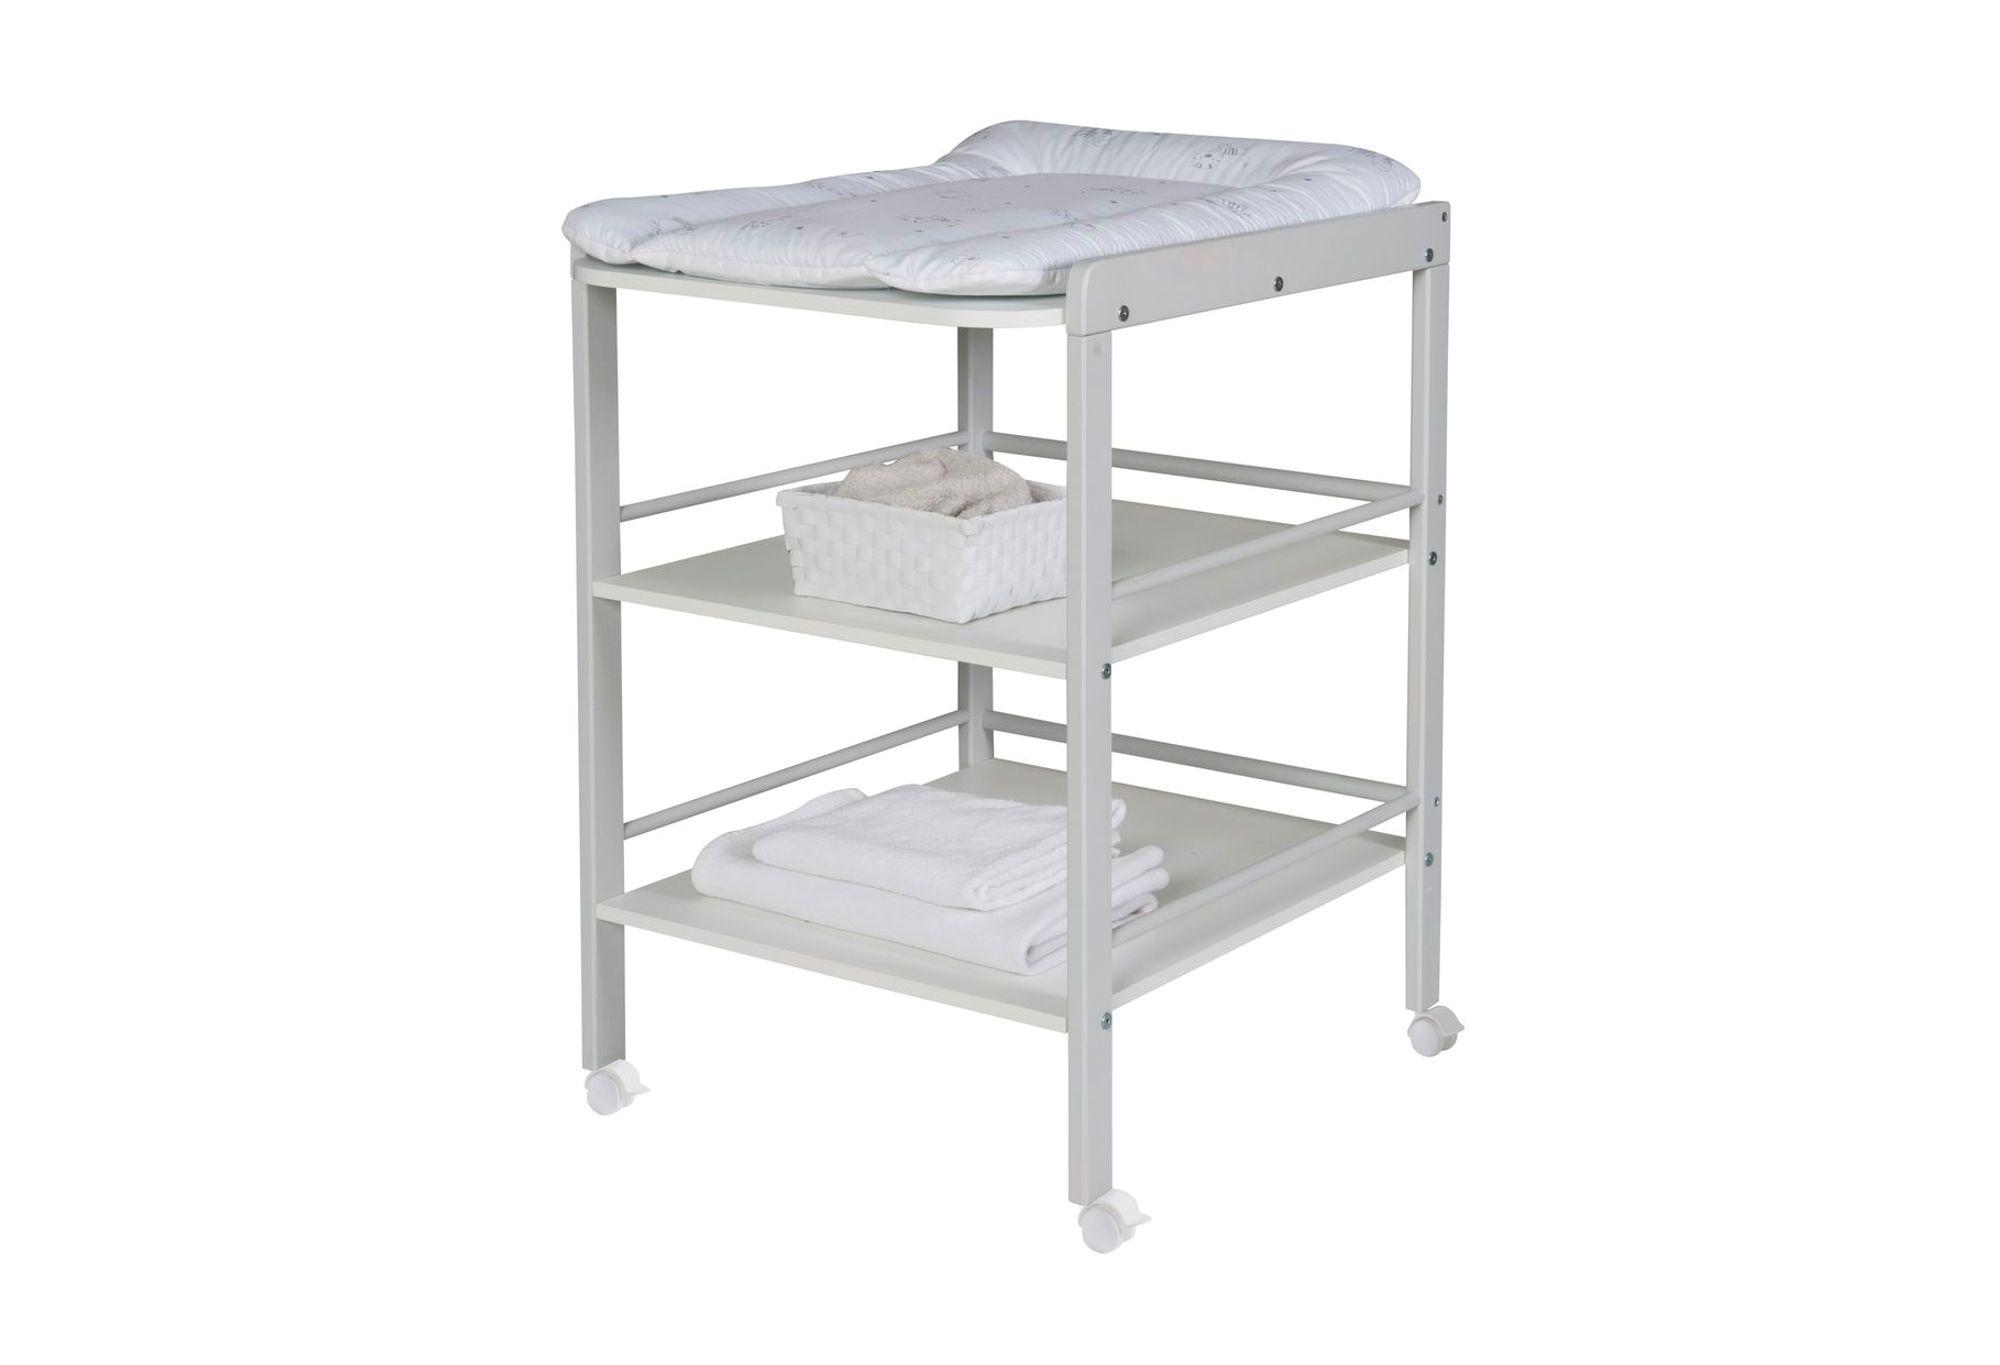 table langer gris clair schardt gmbh co kg. Black Bedroom Furniture Sets. Home Design Ideas